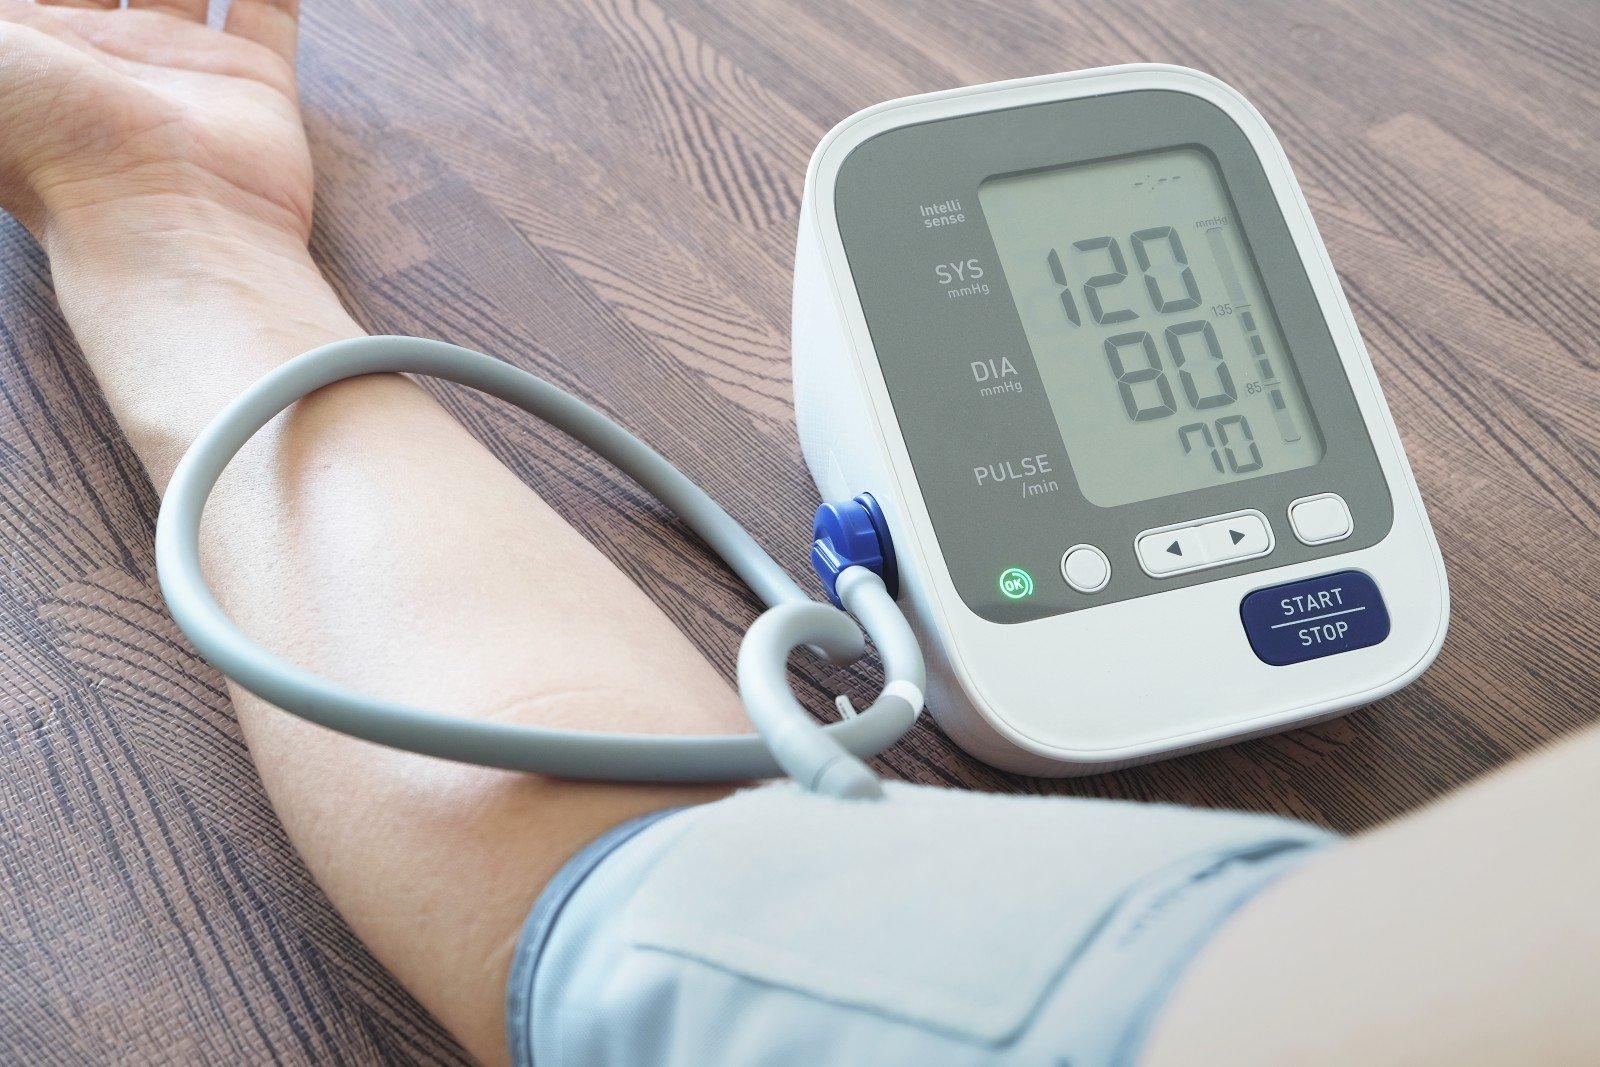 kaip gydyti hipertenzija sergančius sąnarius